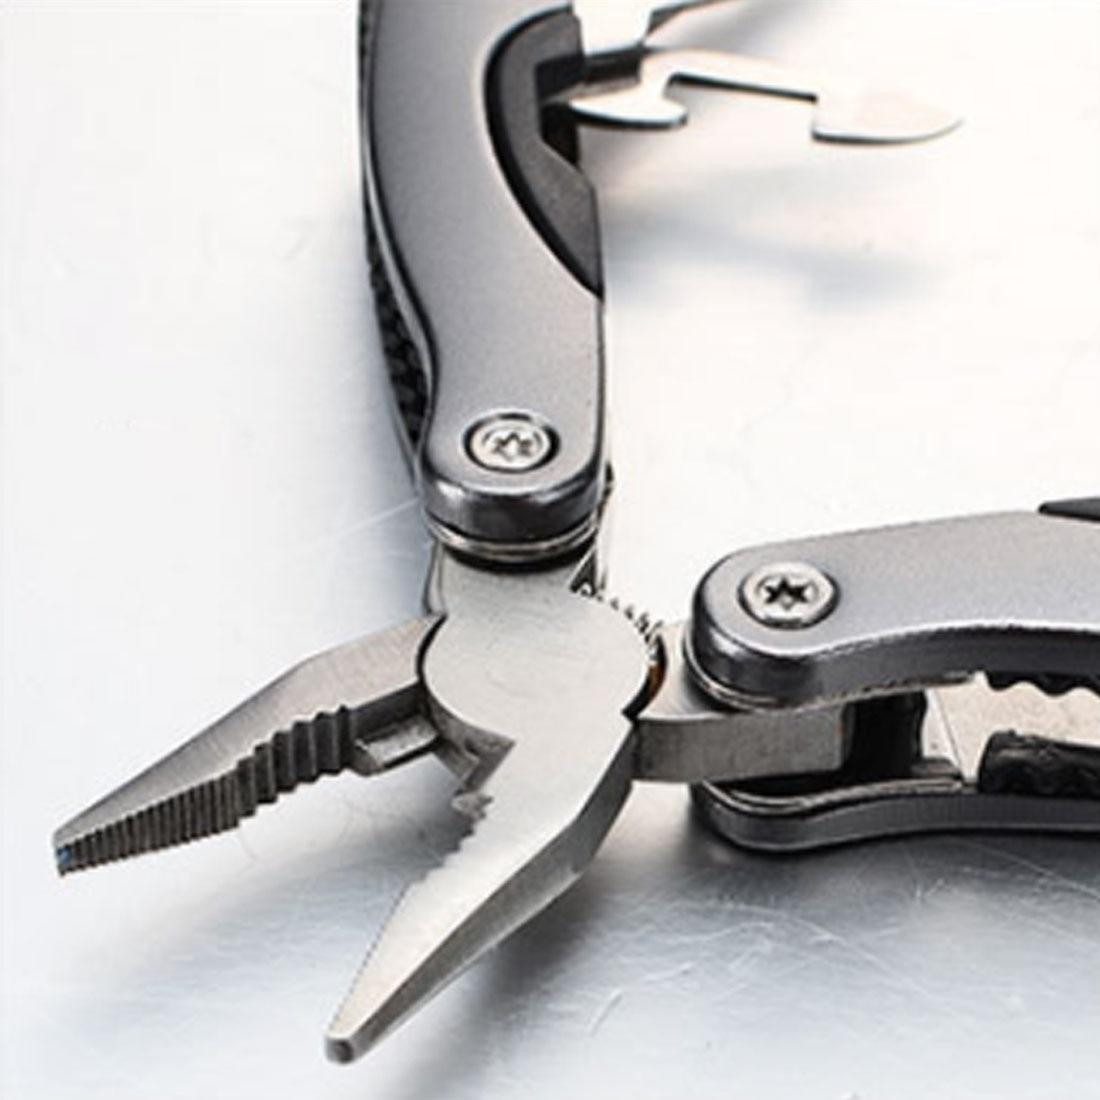 Schraubendreher Pro Outdoor Multitool Zange Gezackten Messer Kiefer Hand Werkzeuge Messer Multi-zweck Werkzeug Set überleben Getriebe Ein Bereicherung Und Ein NäHrstoff FüR Die Leber Und Die Niere Zange